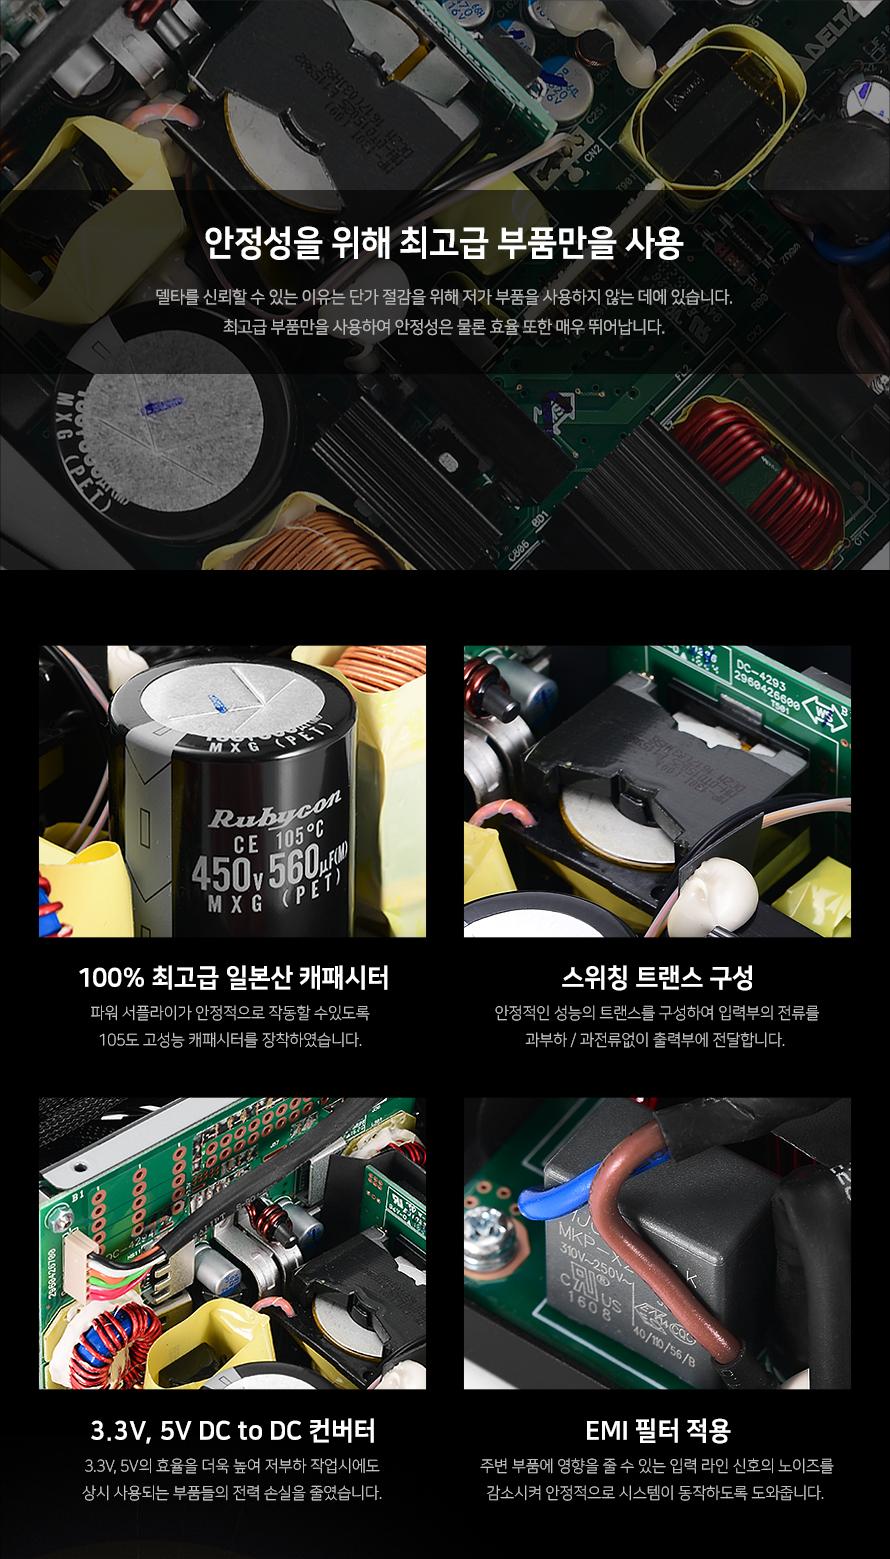 언제 어디서나 초고속 무선 네트워크 지원 안정성을 위해 최고급 부품만을 사용델타를 신뢰할 수 있는 이유는 단가 절감을 위해 저가 부품을 사용하지 않는 데에 있습니다.최고급 부품만을 사용하여 안정성은 물론 효율 또한 매우 뛰어납니다.100% 최고급 일본산 캐패시터파워 서플라이가 안정적으로 작동할 수있도록 105도 고성능 캐패시터를 장착하였습니다. 스위칭 트랜스 구성안정적인 성능의 트랜스를 구성하여 입력부의 전류를과부하 / 과전류없이 출력부에 전달합니다. 3.3V, 5V DC to DC 컨버터3.3V, 5V의 효율을 더욱 높여 저부하 작업시에도상시 사용되는 부품들의 전력 손실을 줄였습니다.EMI 필터 적용주변 부품에 영향을 줄 수 있는 입력 라인 신호의 노이즈를감소시켜 안정적으로 시스템이 동작하도록 도와줍니다.